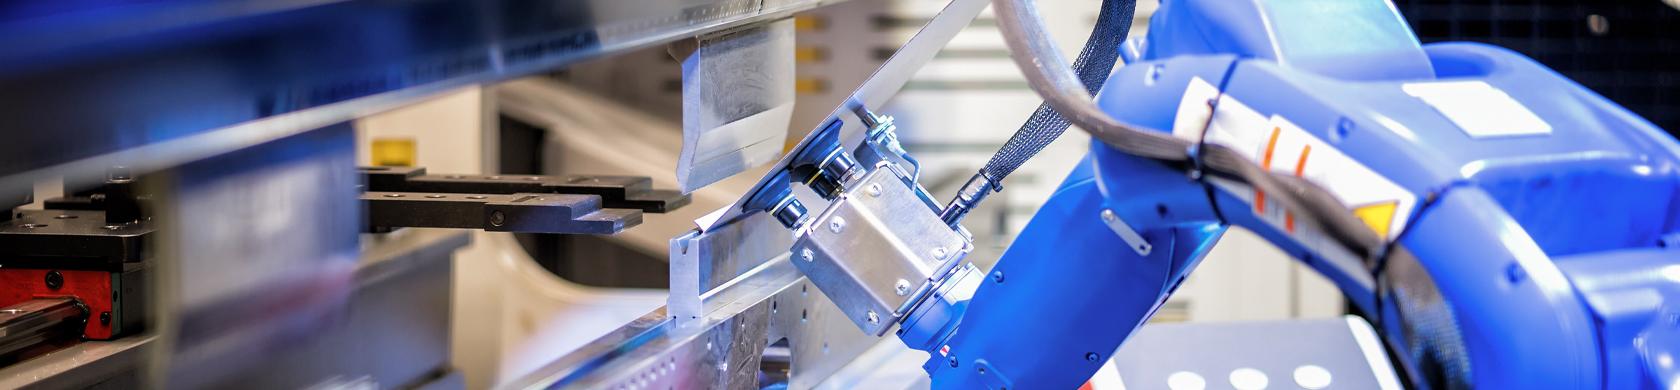 Robot ed automazioni robotizzate per le lavorazioni meccaniche e dei metalli.